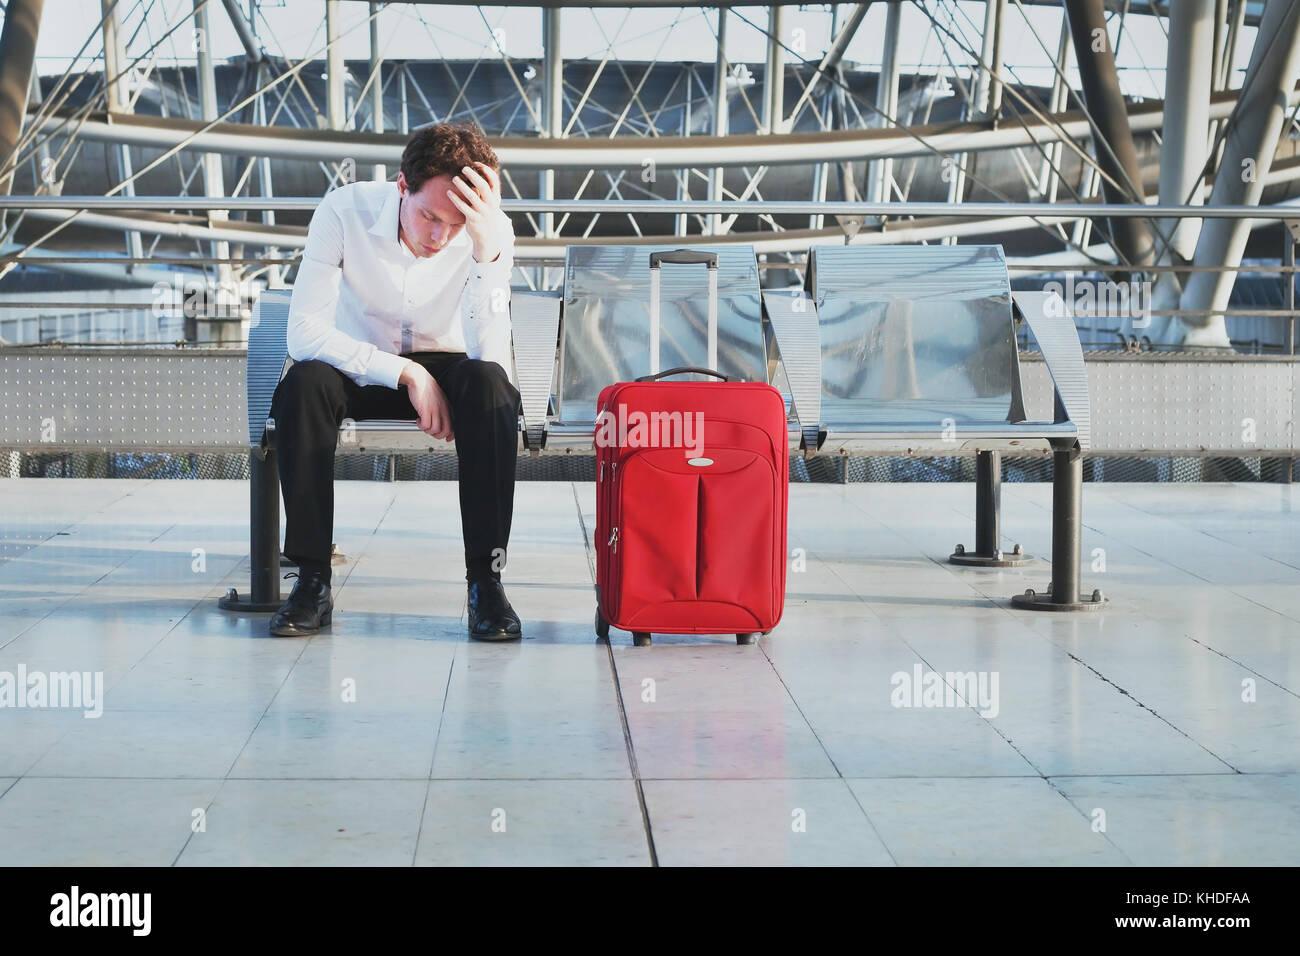 Assurance retard de vol ou de problème dans l'aéroport, l'attente des passagers désespérés fatigués dans le terminal avec suitcase Banque D'Images